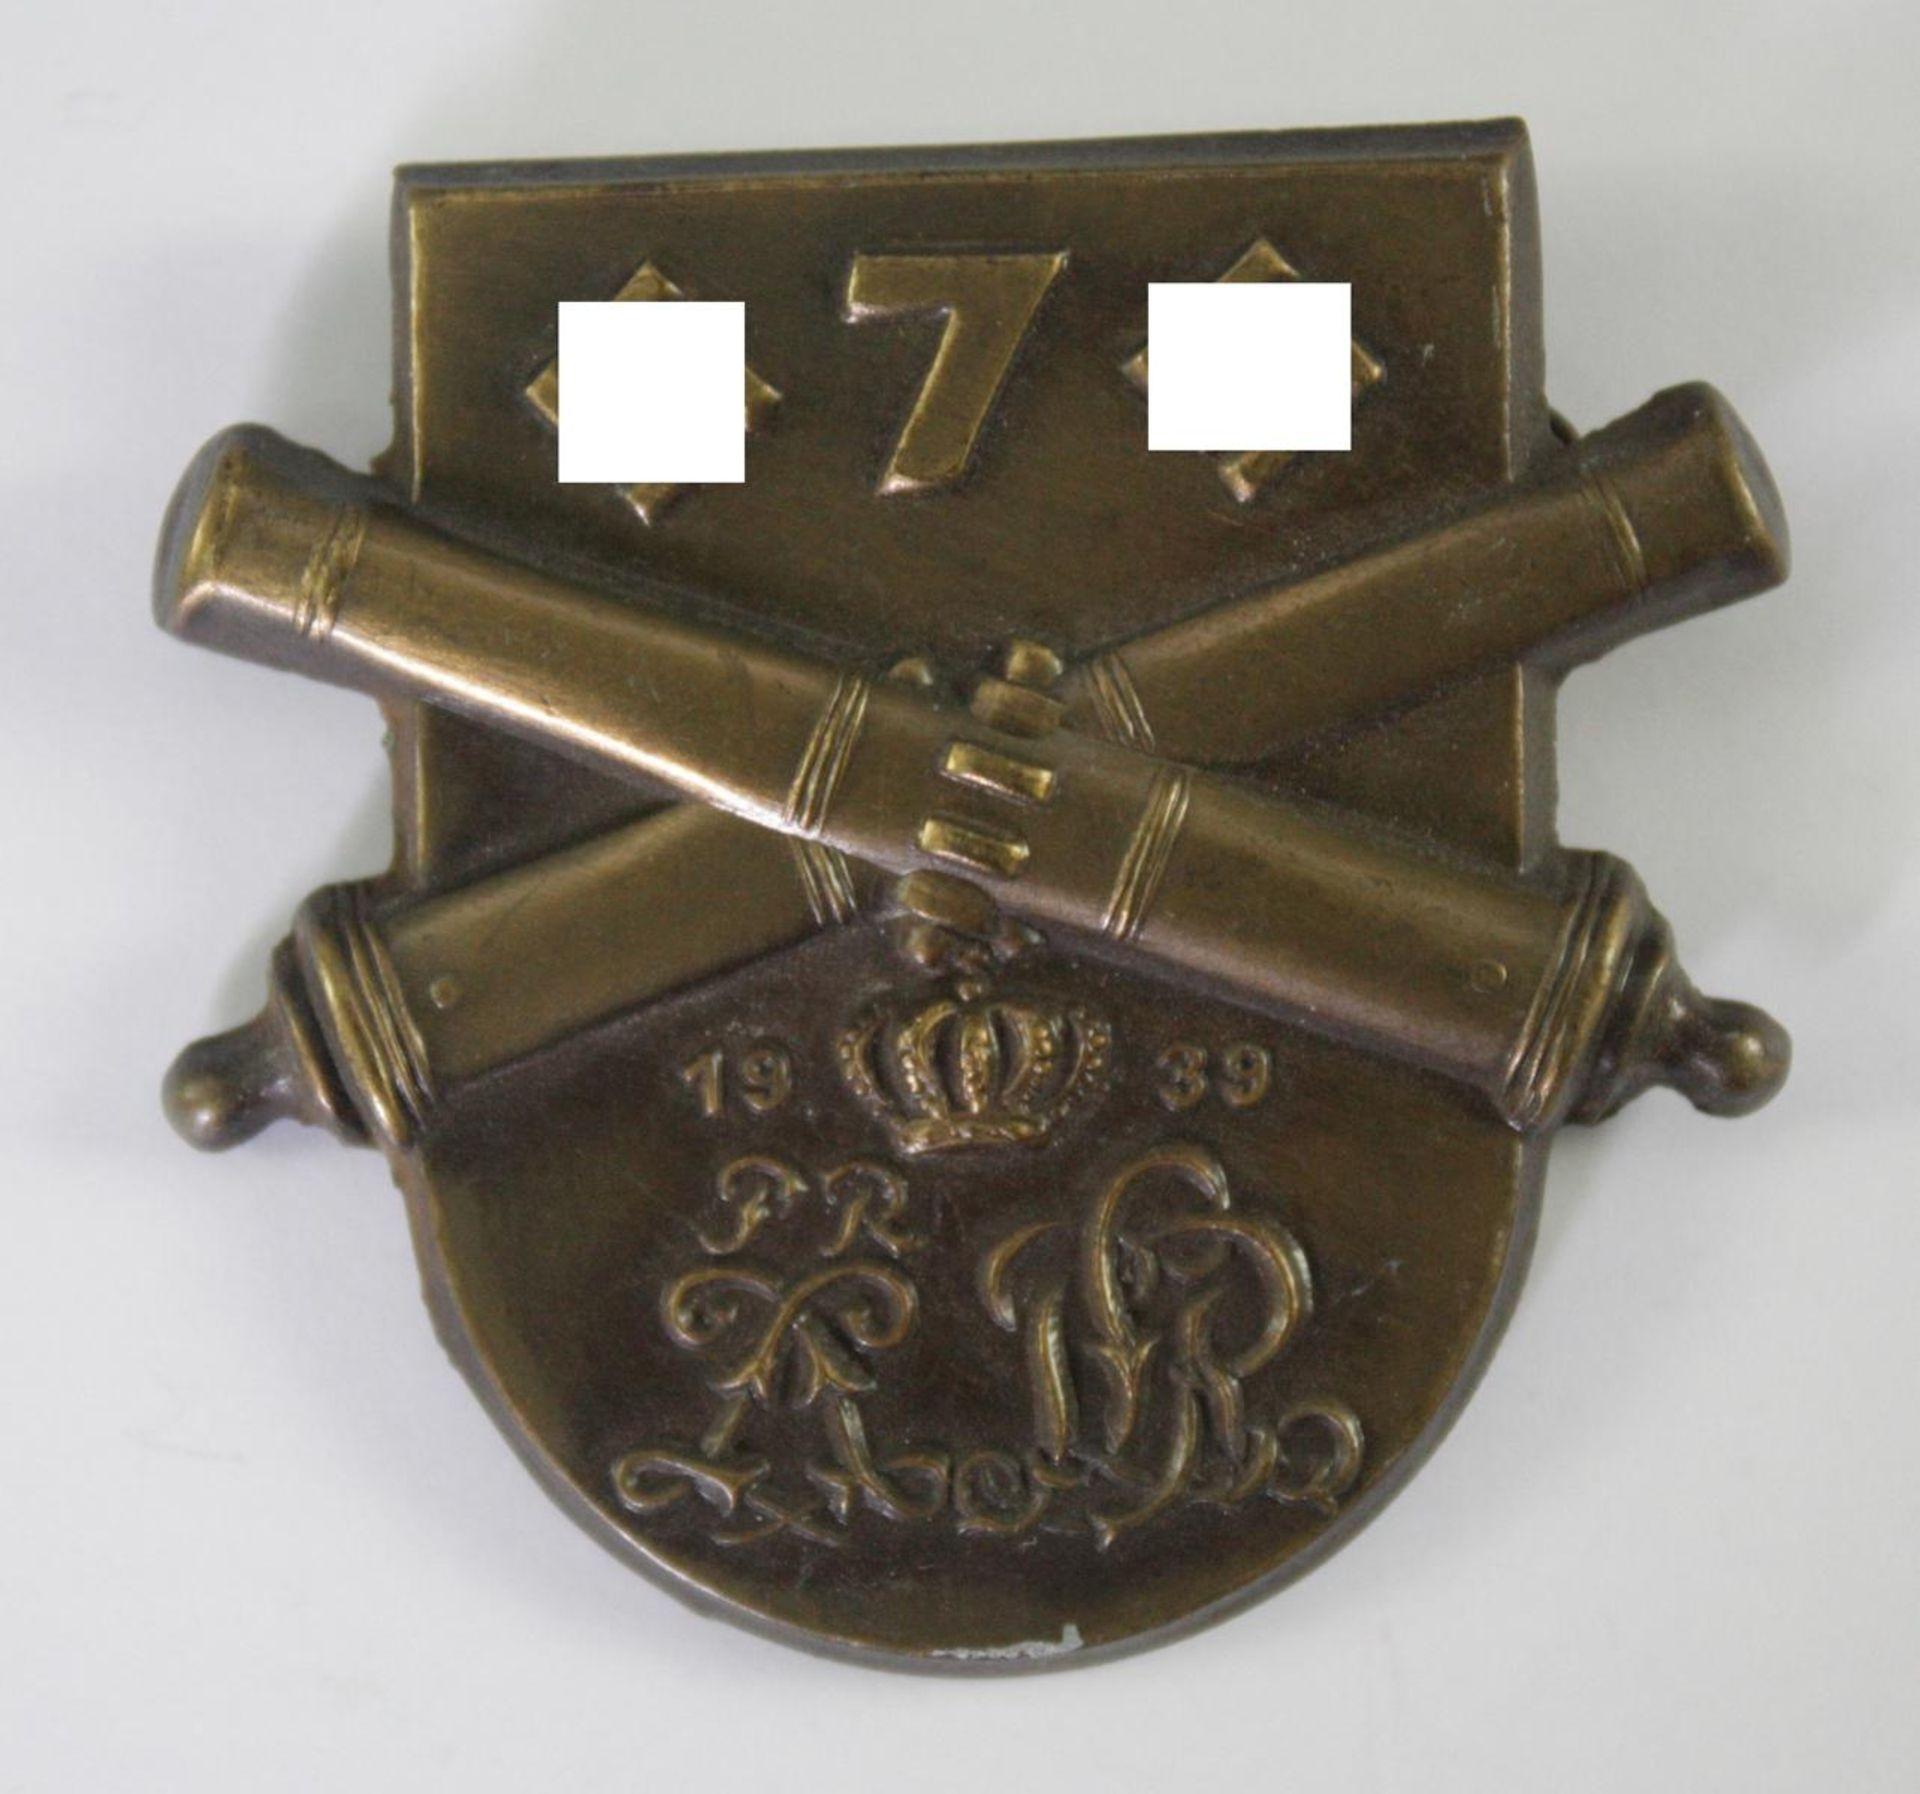 Abzeichen: 7. Preußisches Artillerieregiment 1939